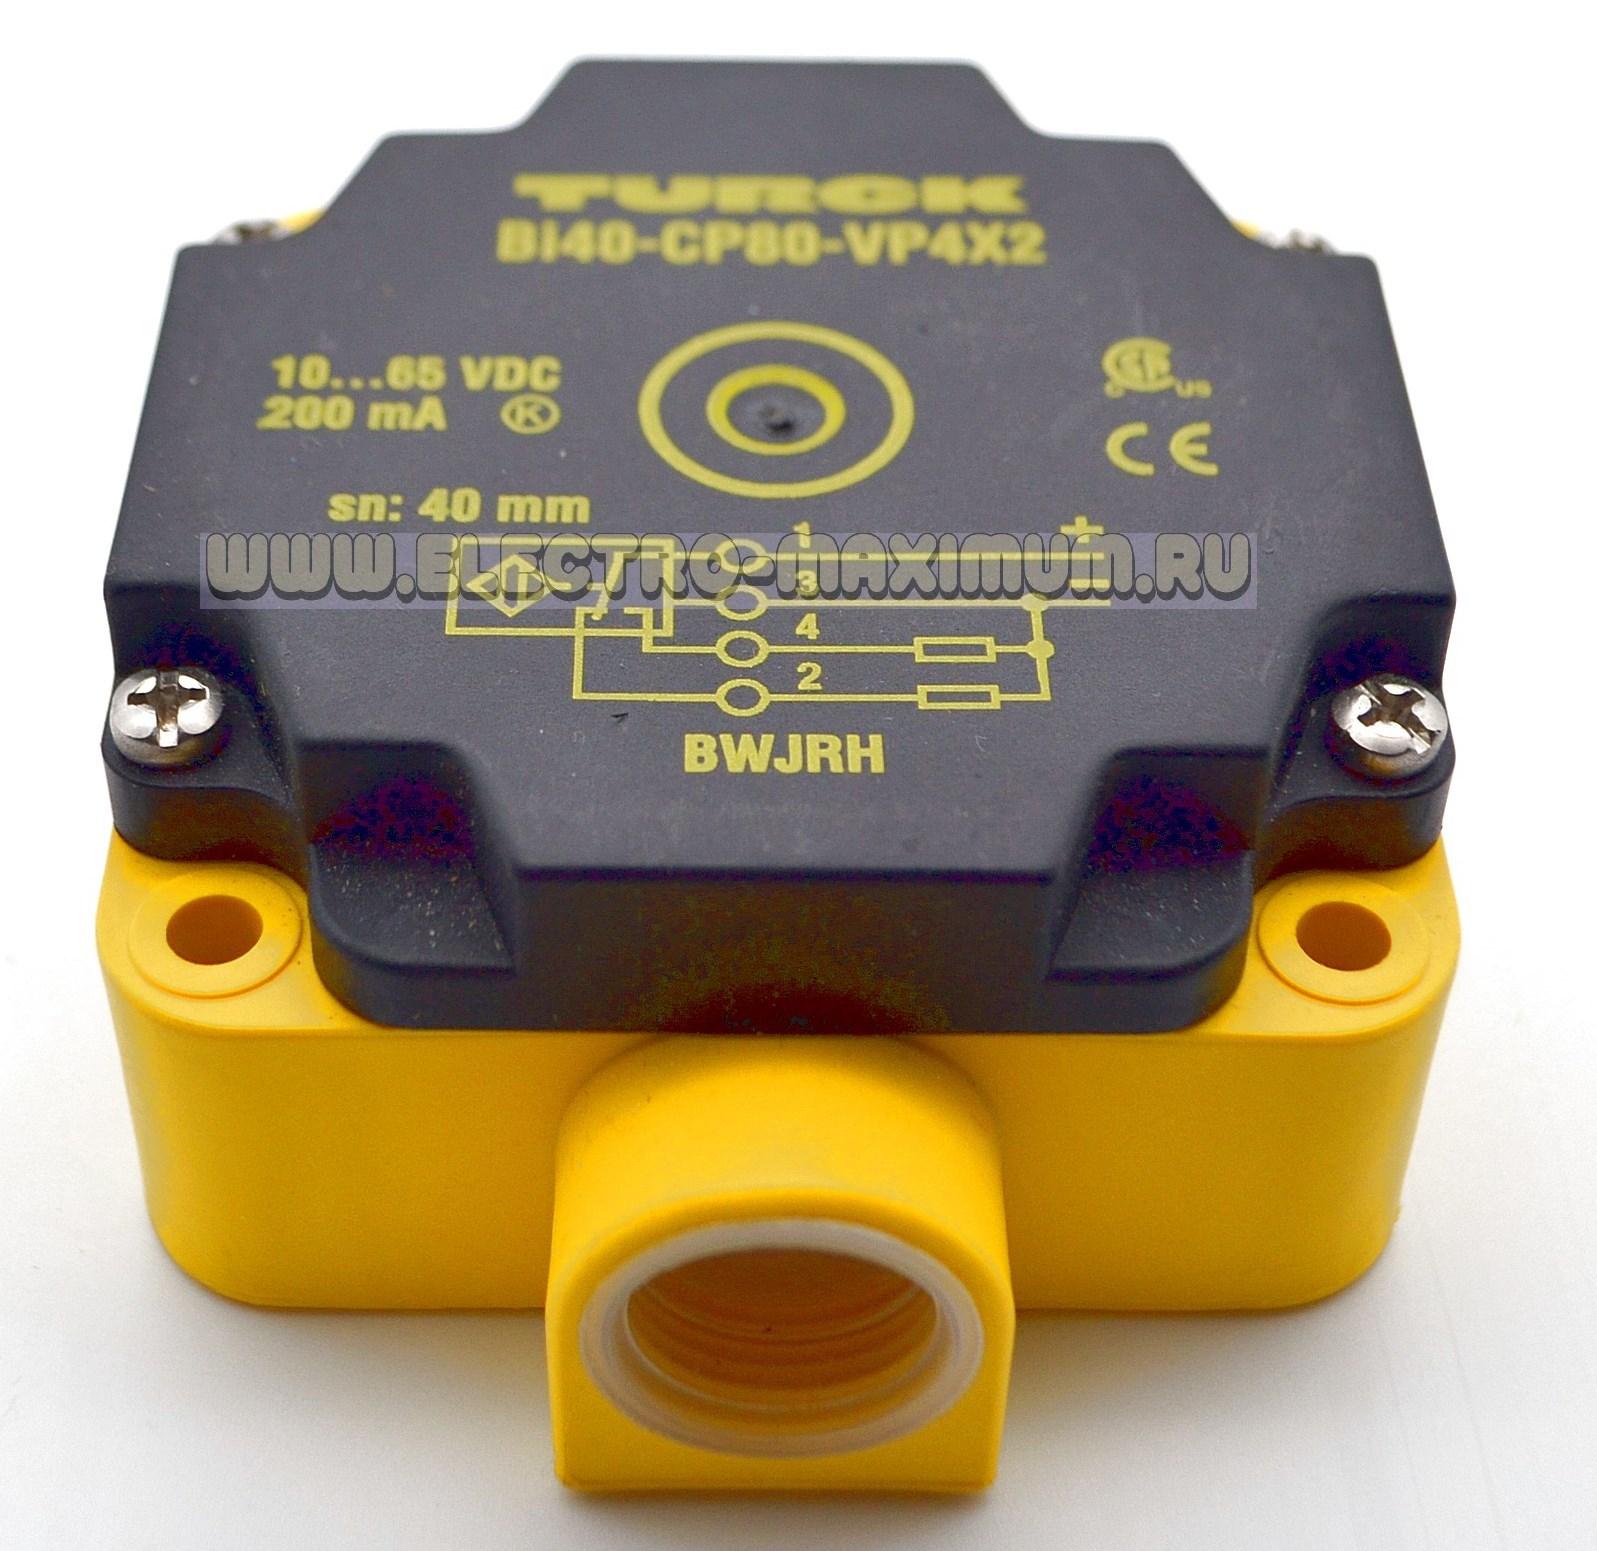 TURCK BI40-CP80-VP4X2